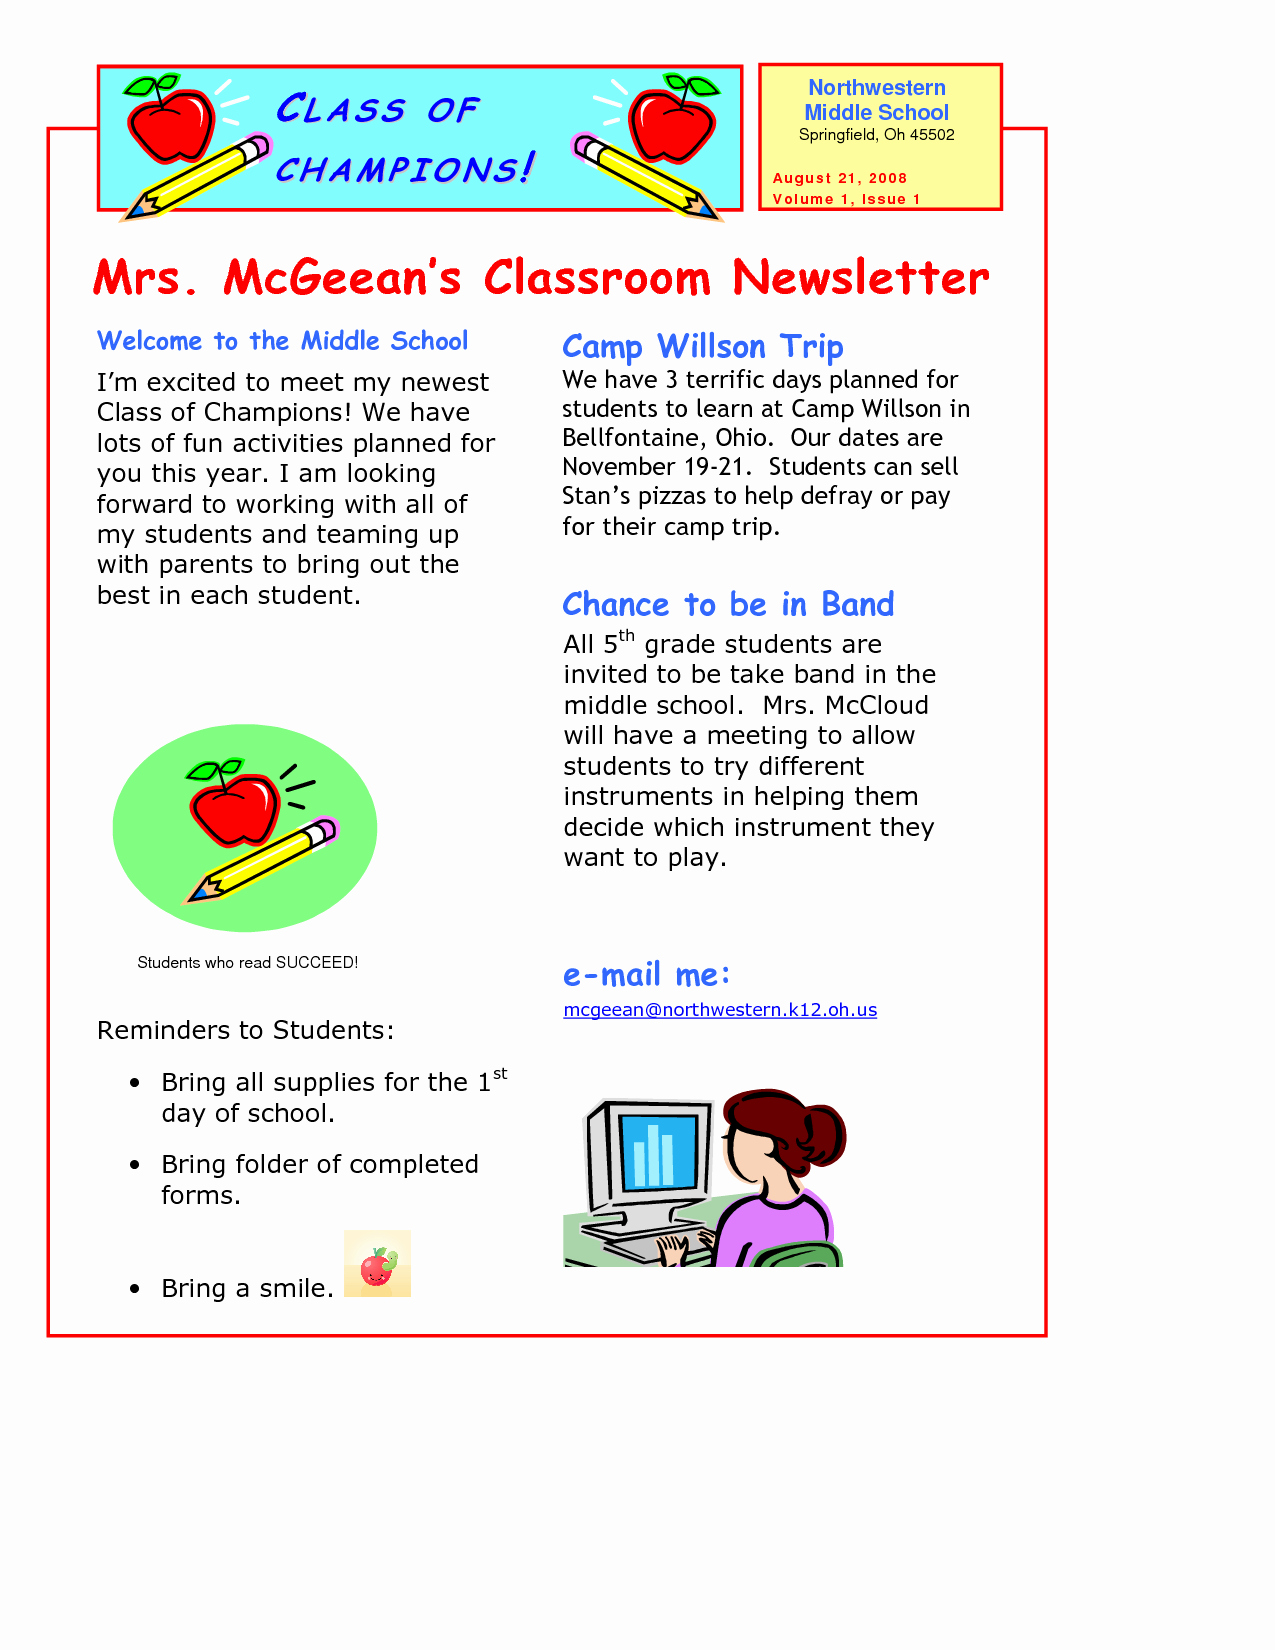 Newsletter Classroom Newsletter Template